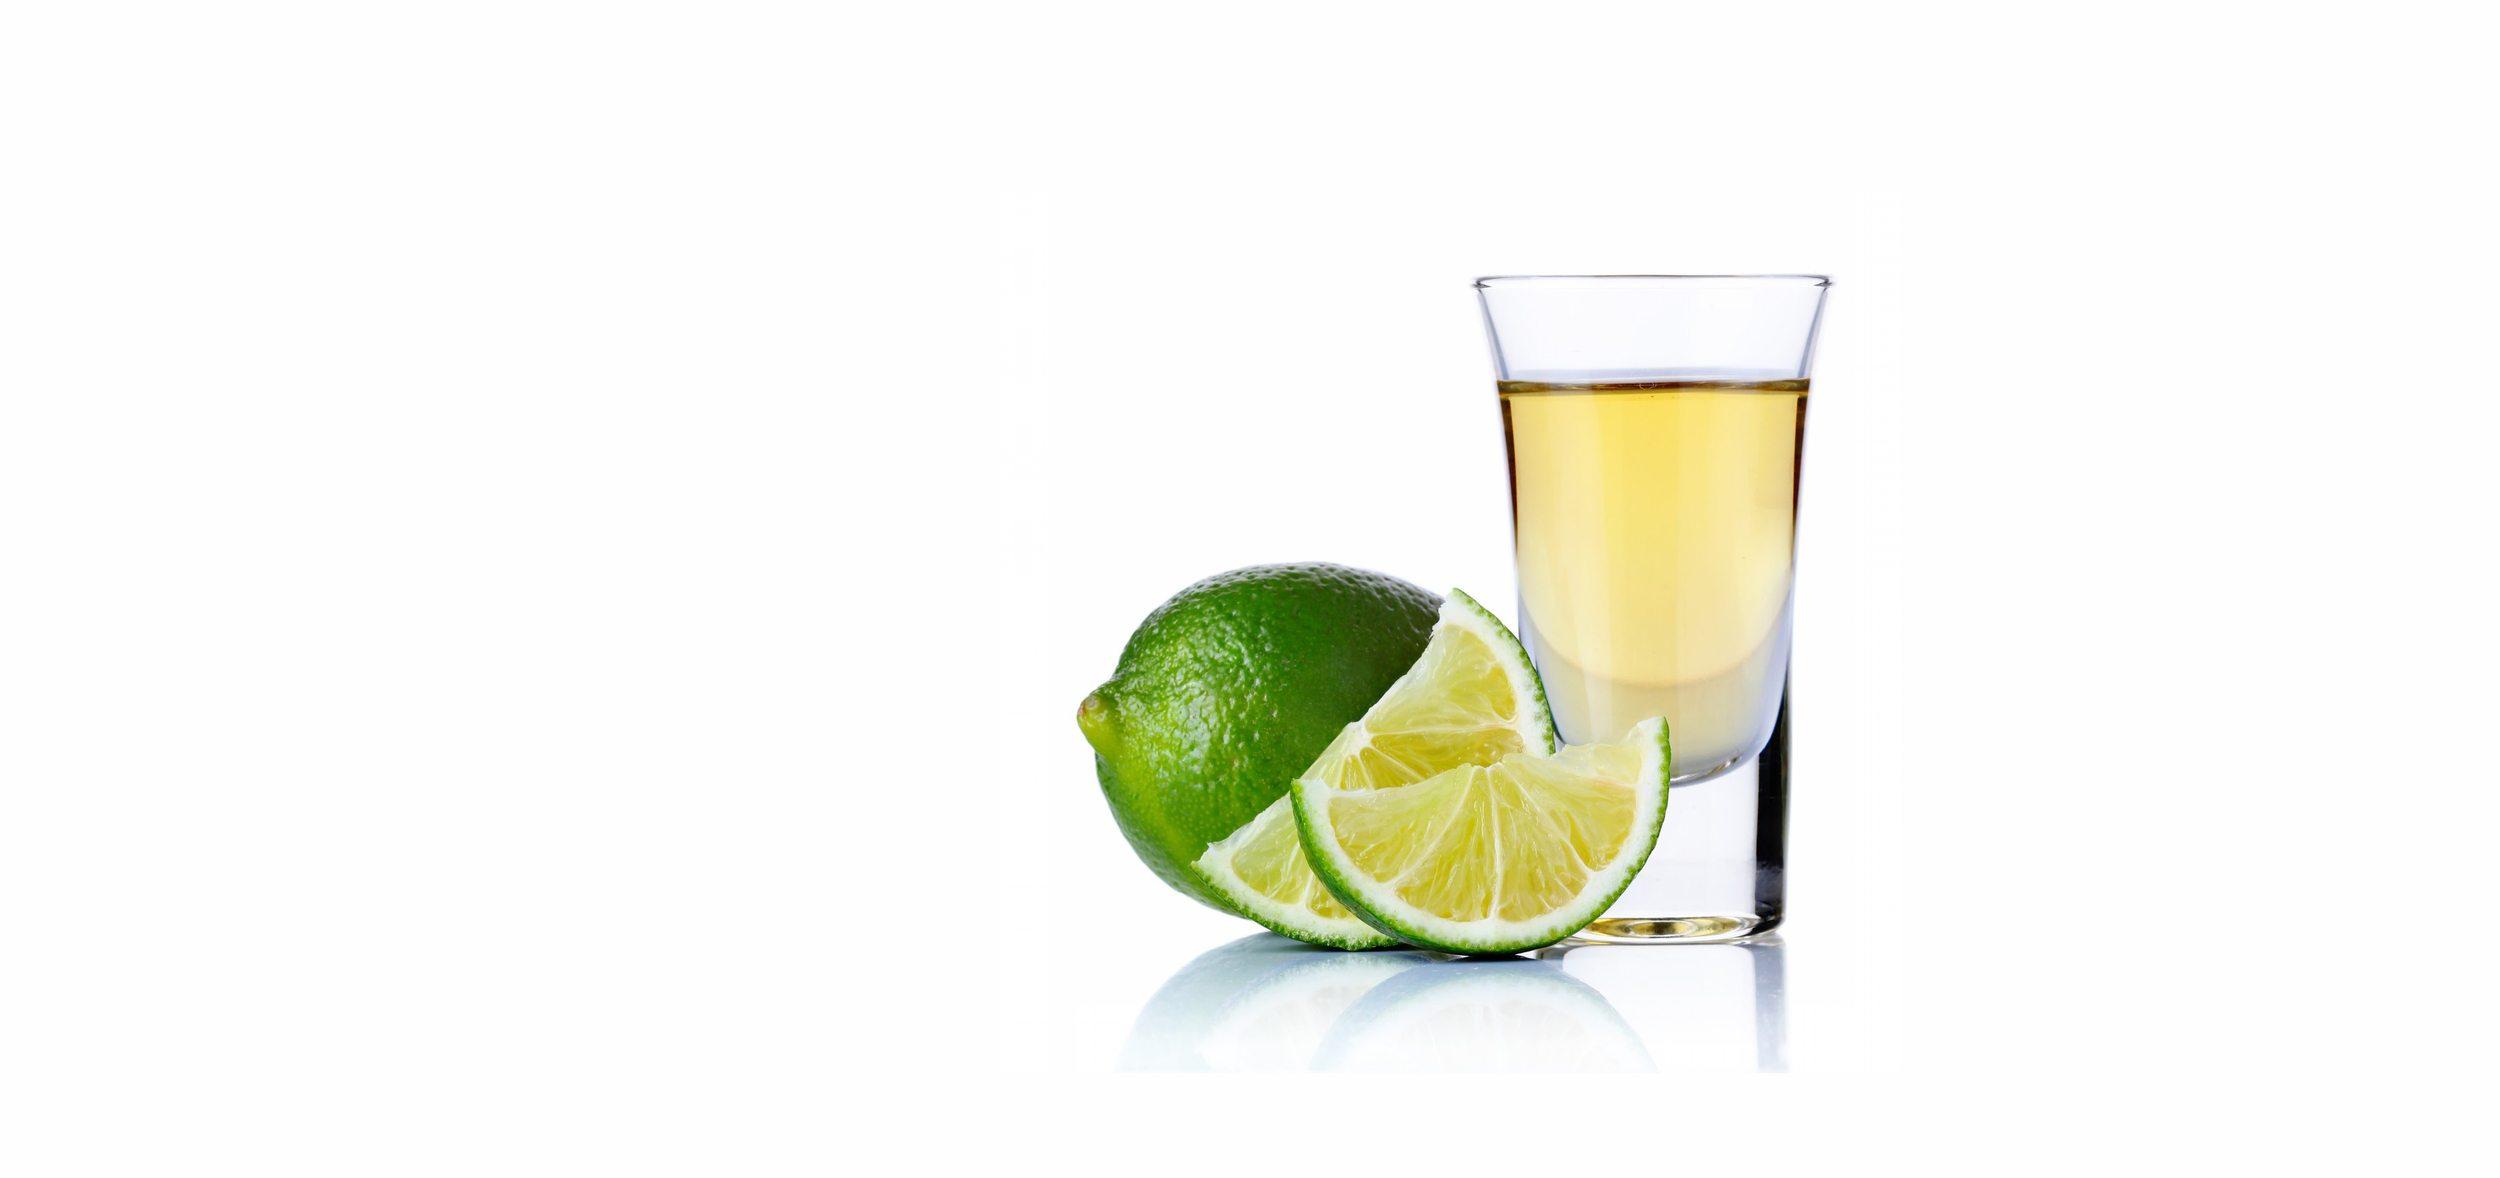 Venta de tequila en México crece 15.7% en seis meses